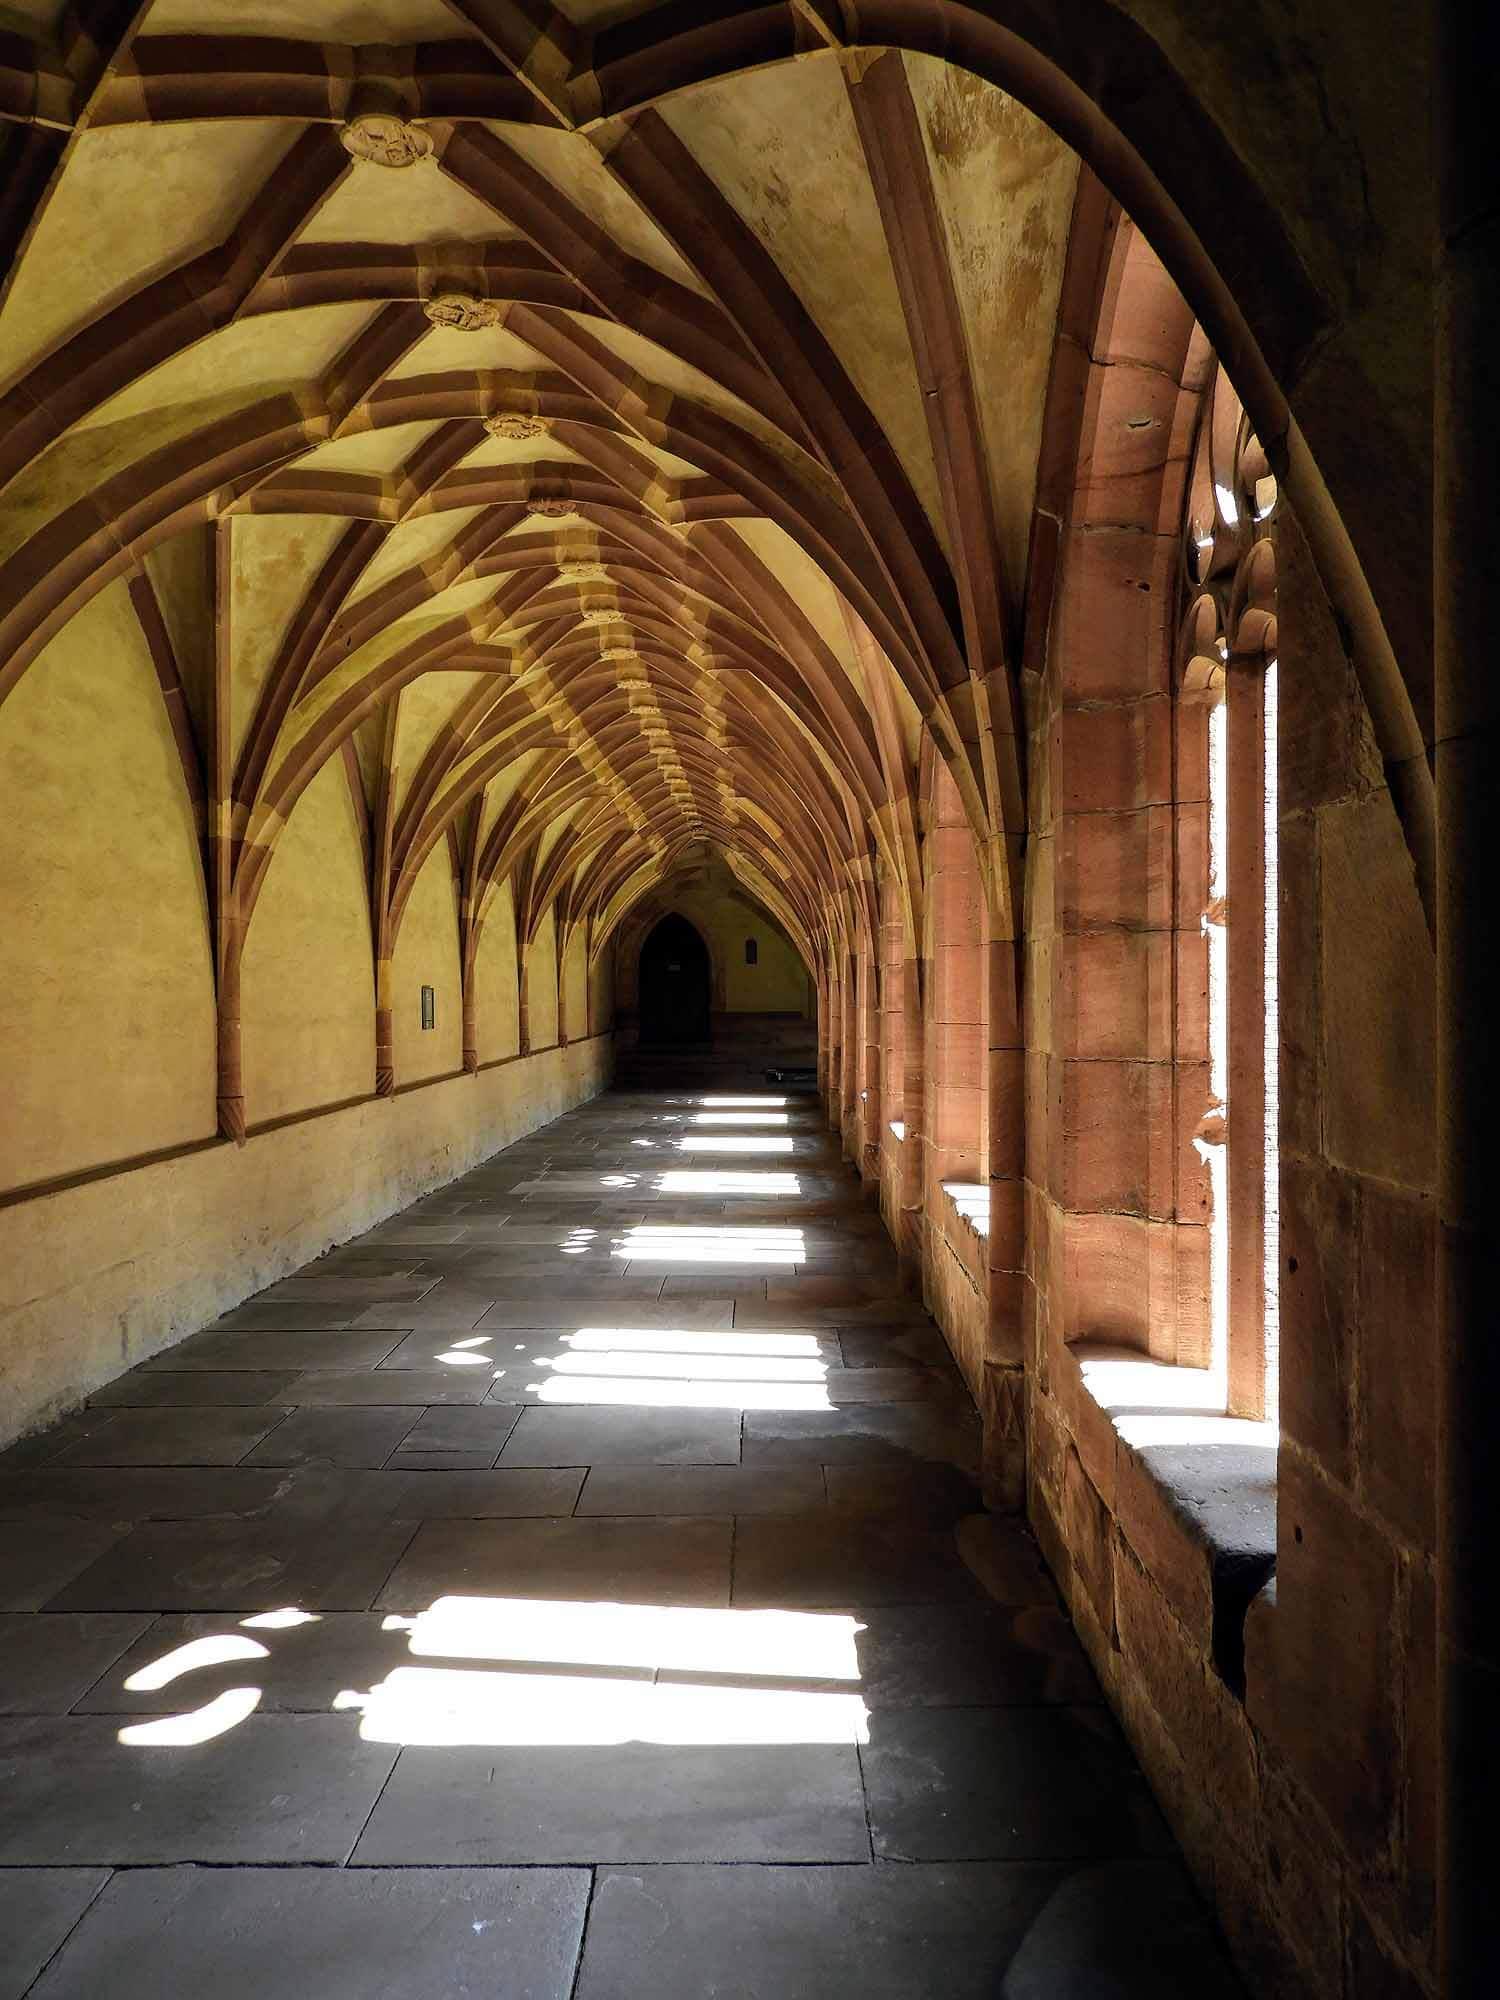 germany-alpirsbach-kloster-monestary-gothic-arched-hallway.jpg